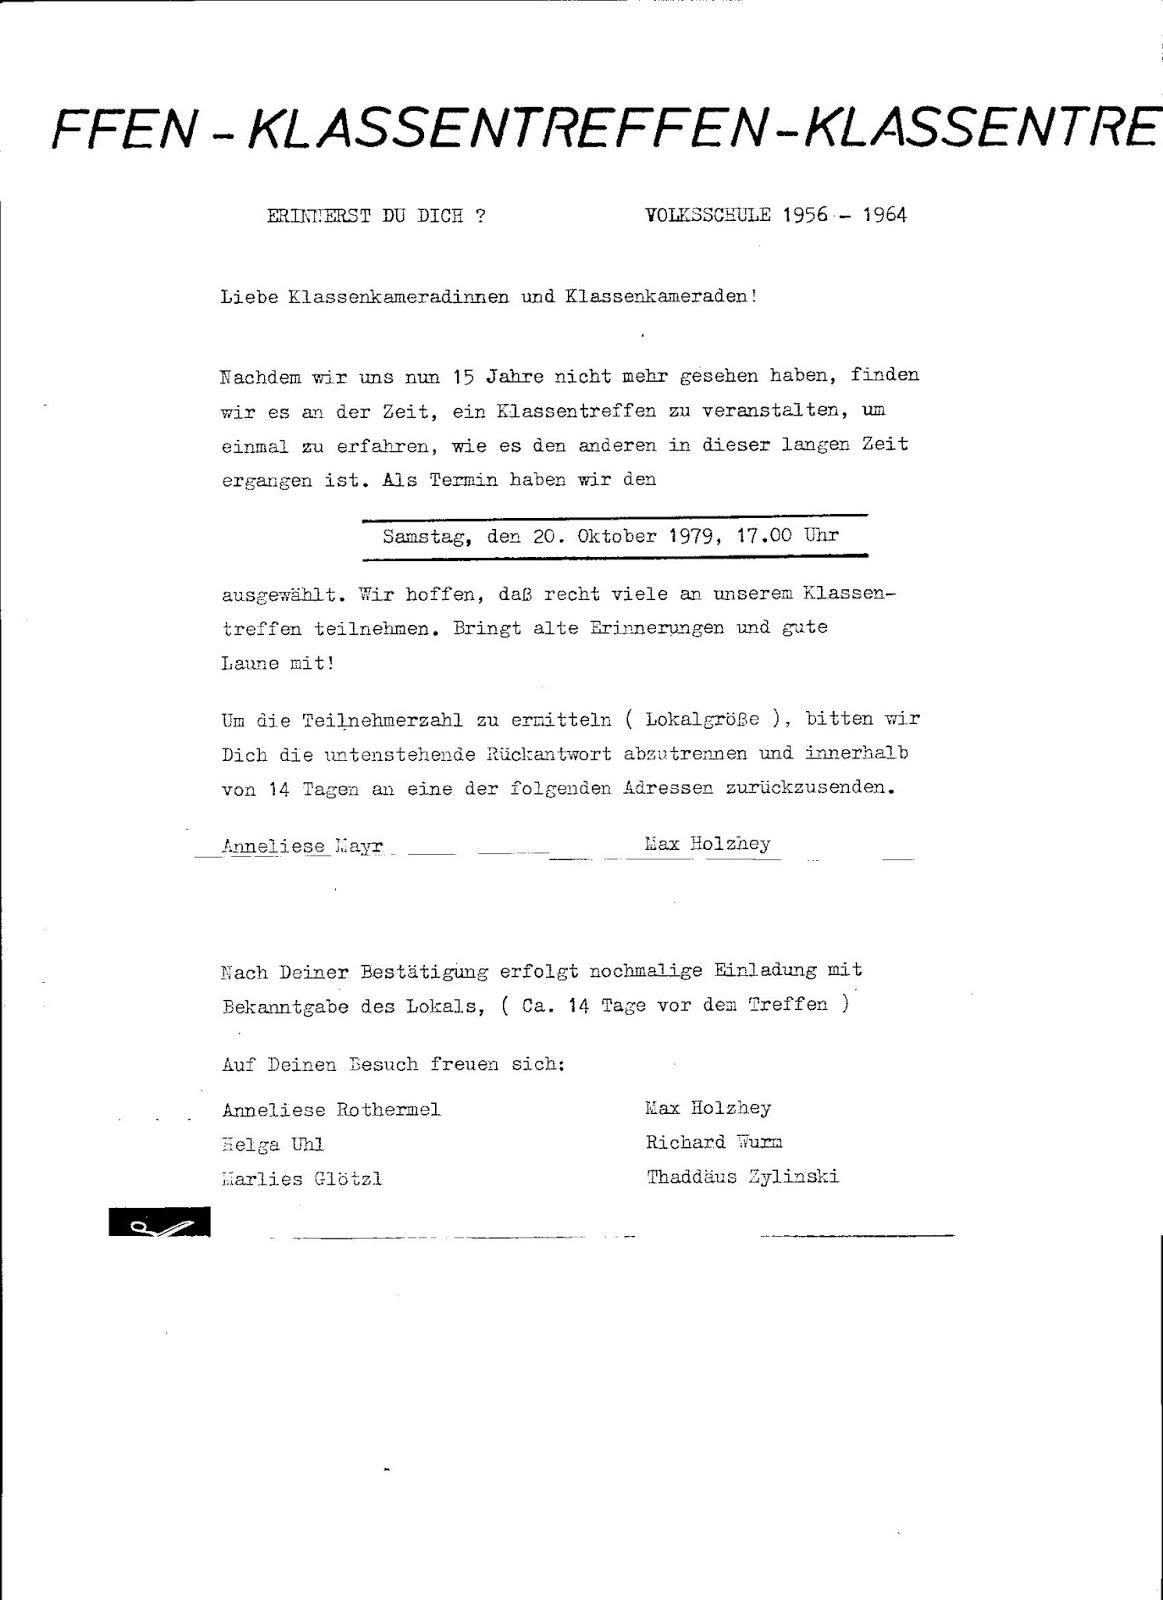 klassentreffen jahrgang 1949/50: neues wissenswertes, Einladung